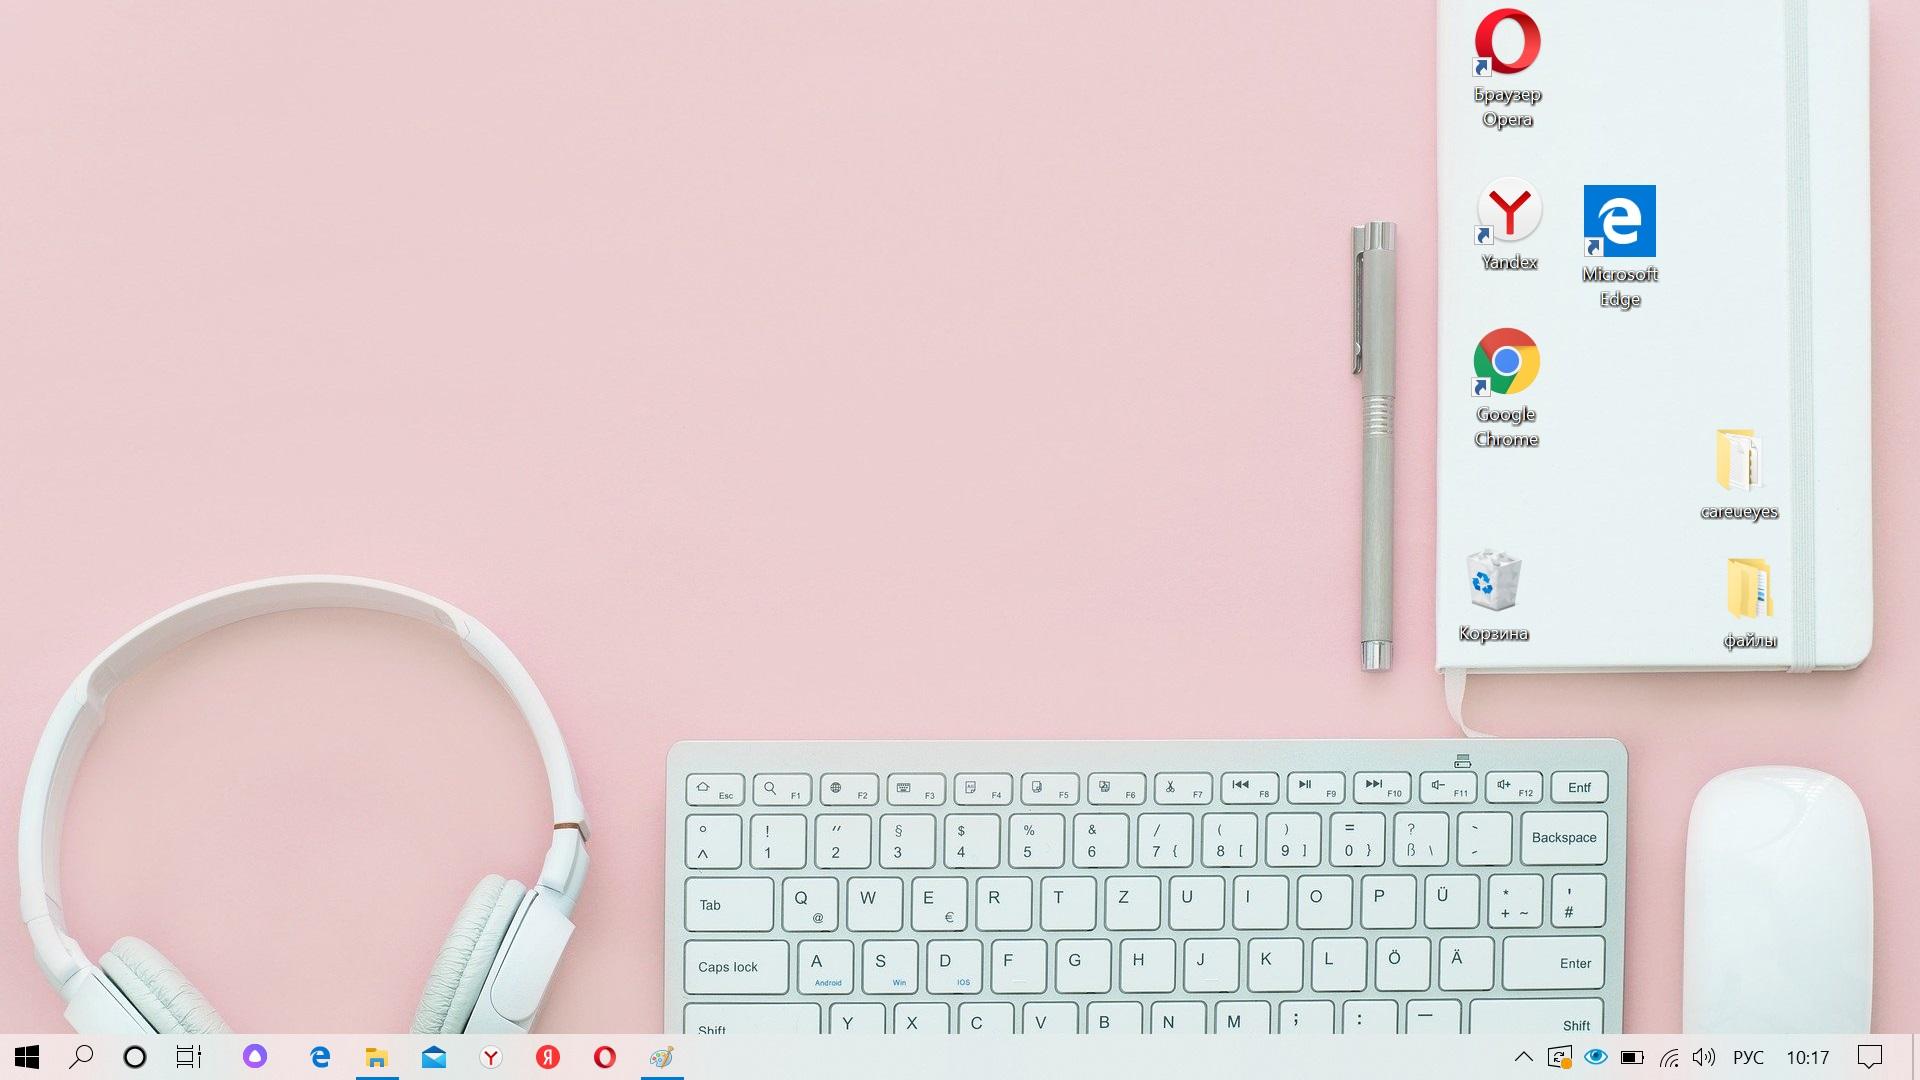 Теперь полный порядок. Мышь, клавиатура, и браузеры...